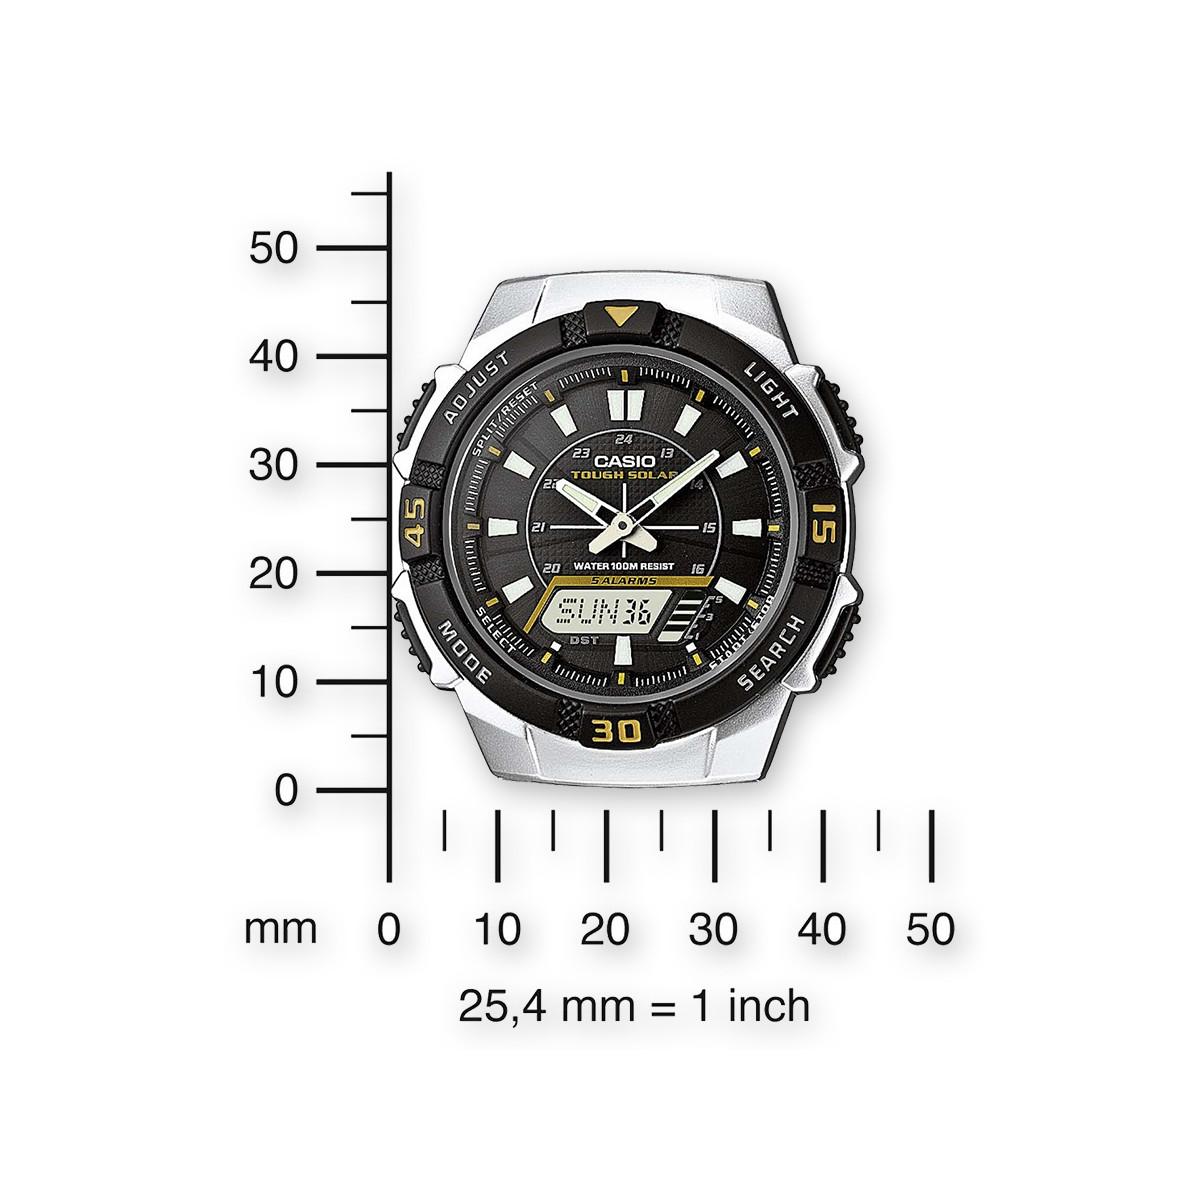 Montre Homme Casio  Bracelet Acier inoxydable Argenté - AQ-S800WD-1EVEF